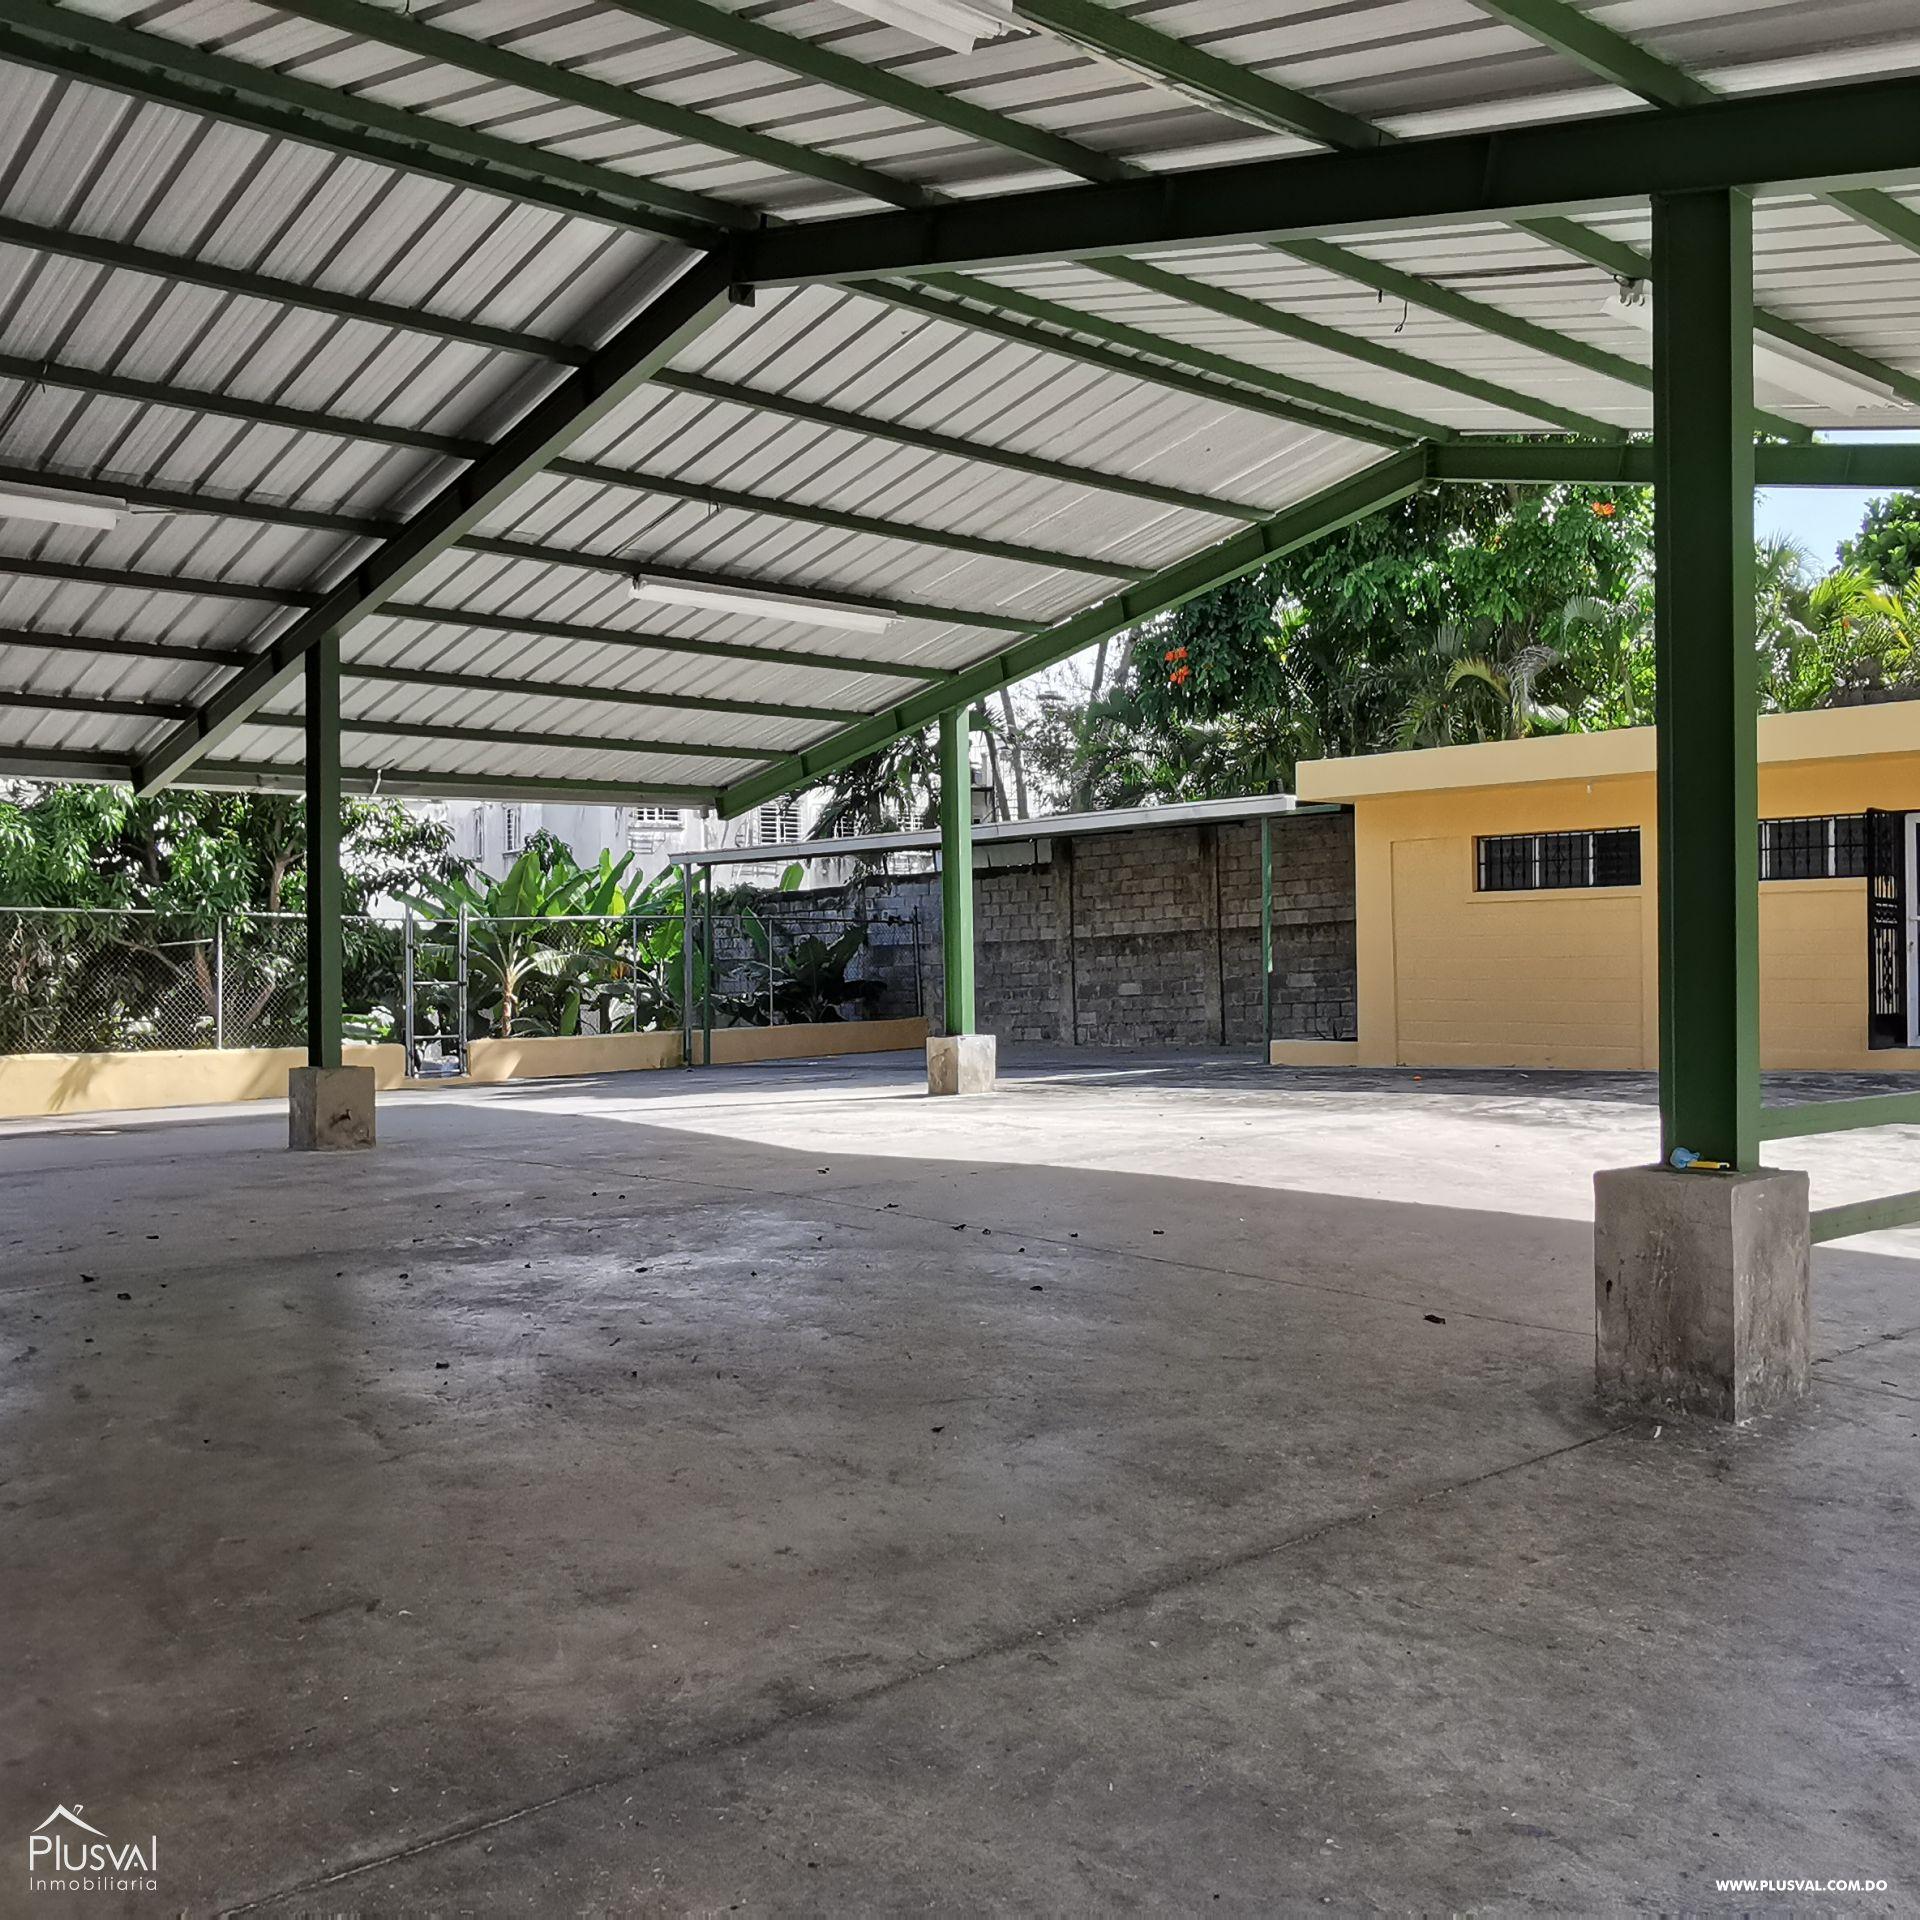 Alquiler Almacén-Nave Industrial con Oficinas y Parqueos en Arroyo Hondo 168553